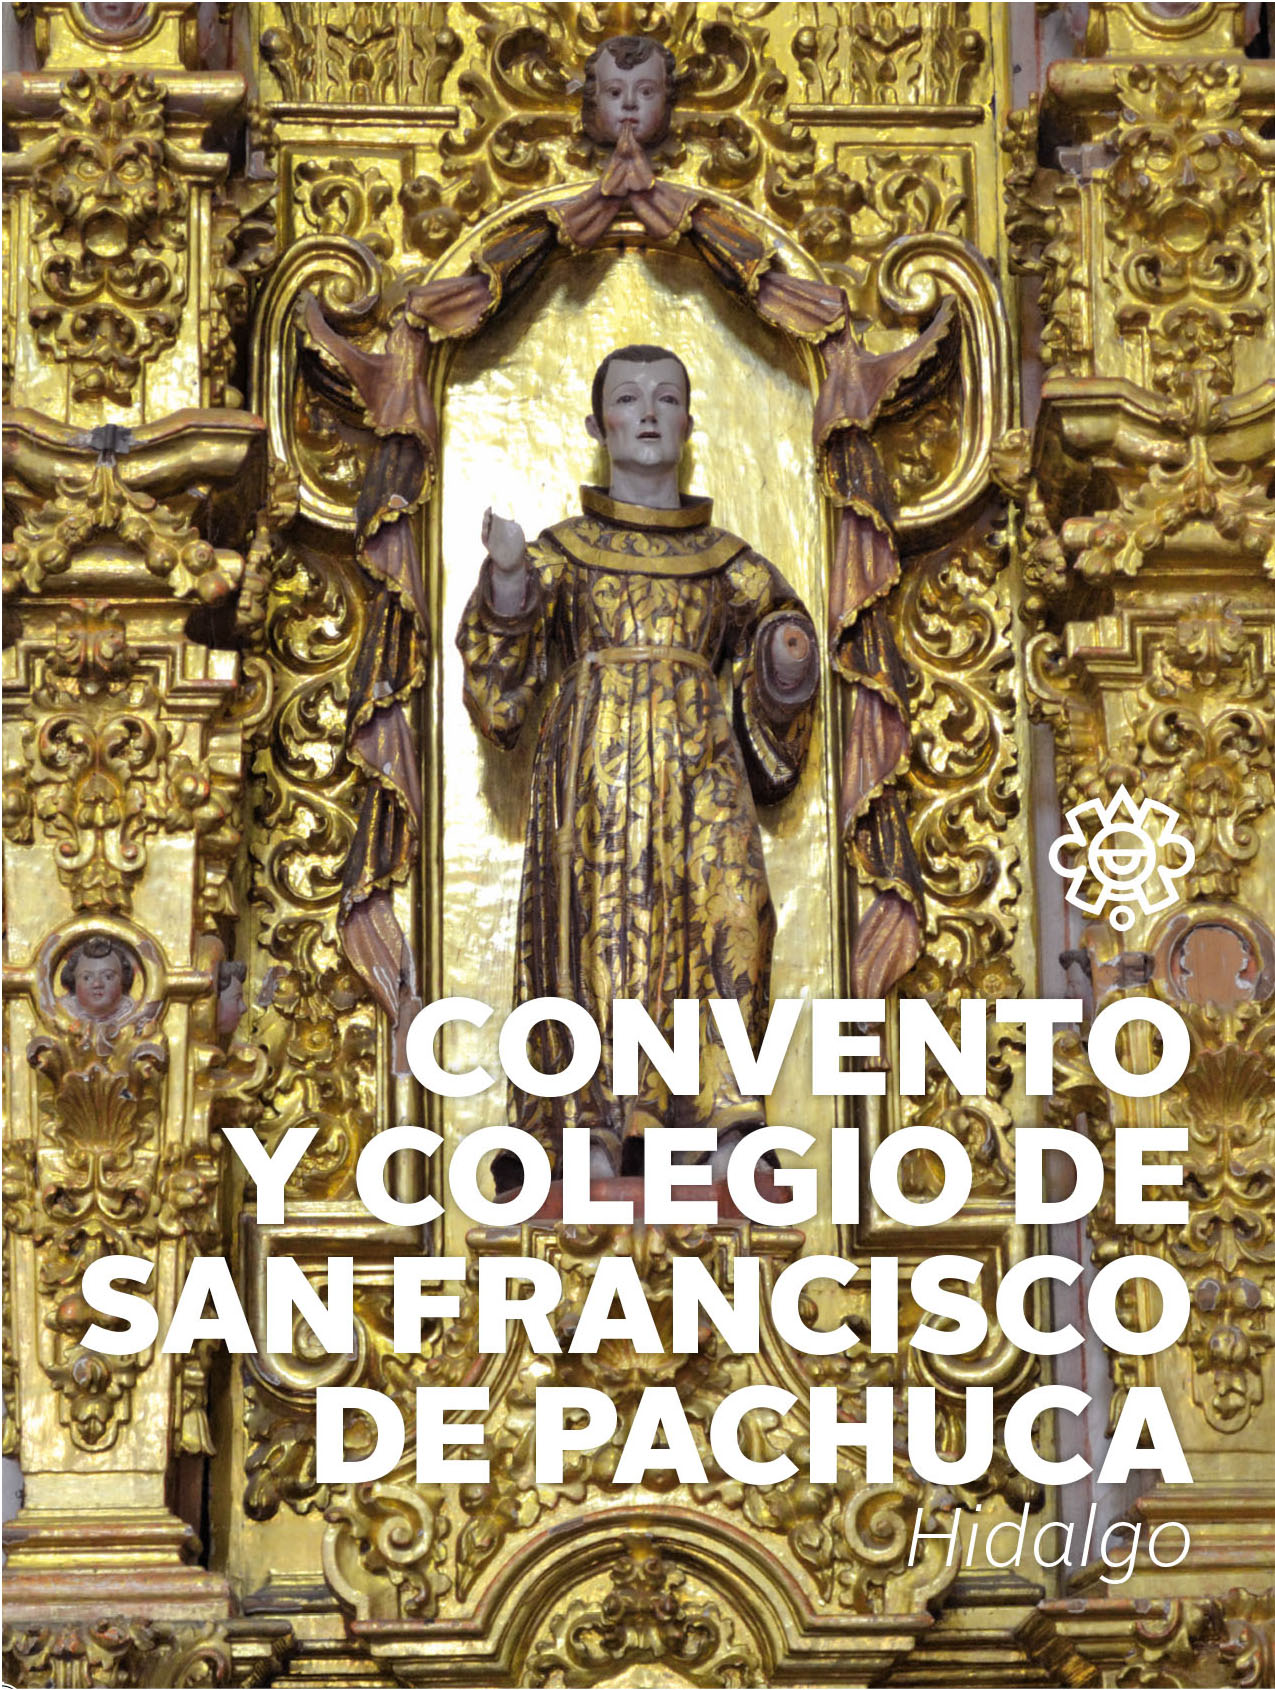 Convento y Colegio de San Francisco de Pachuca